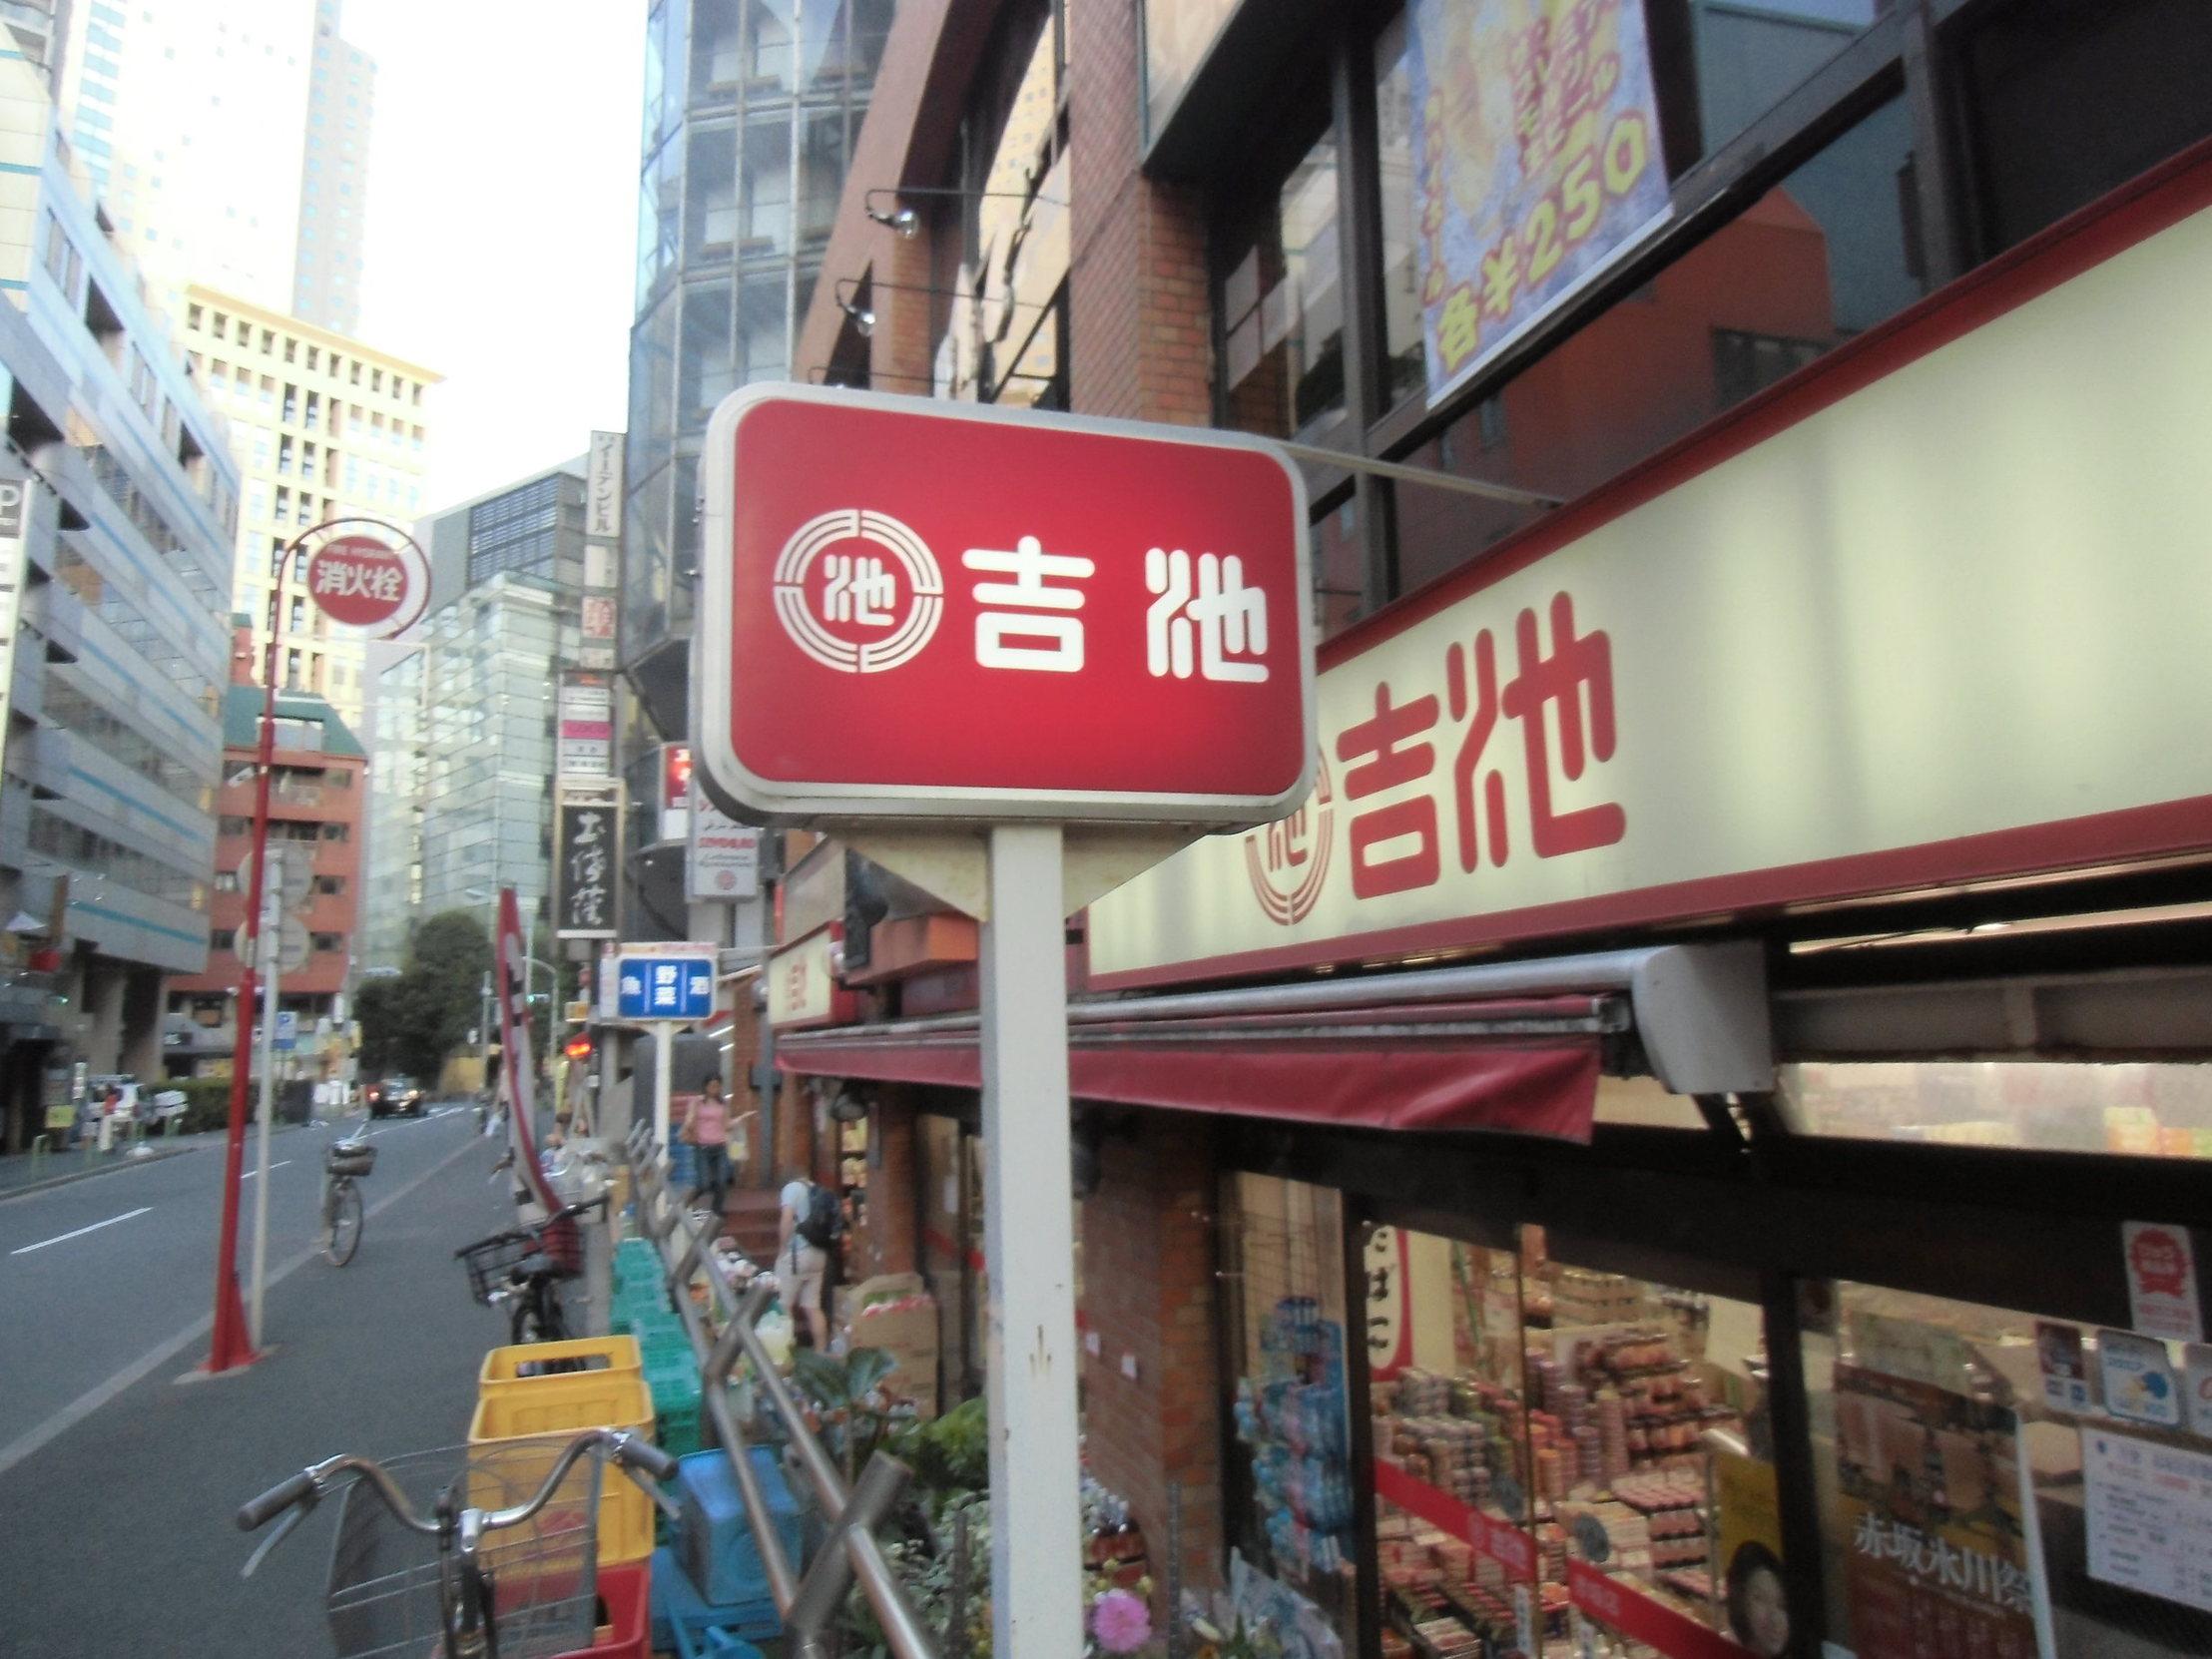 吉池 赤坂支店